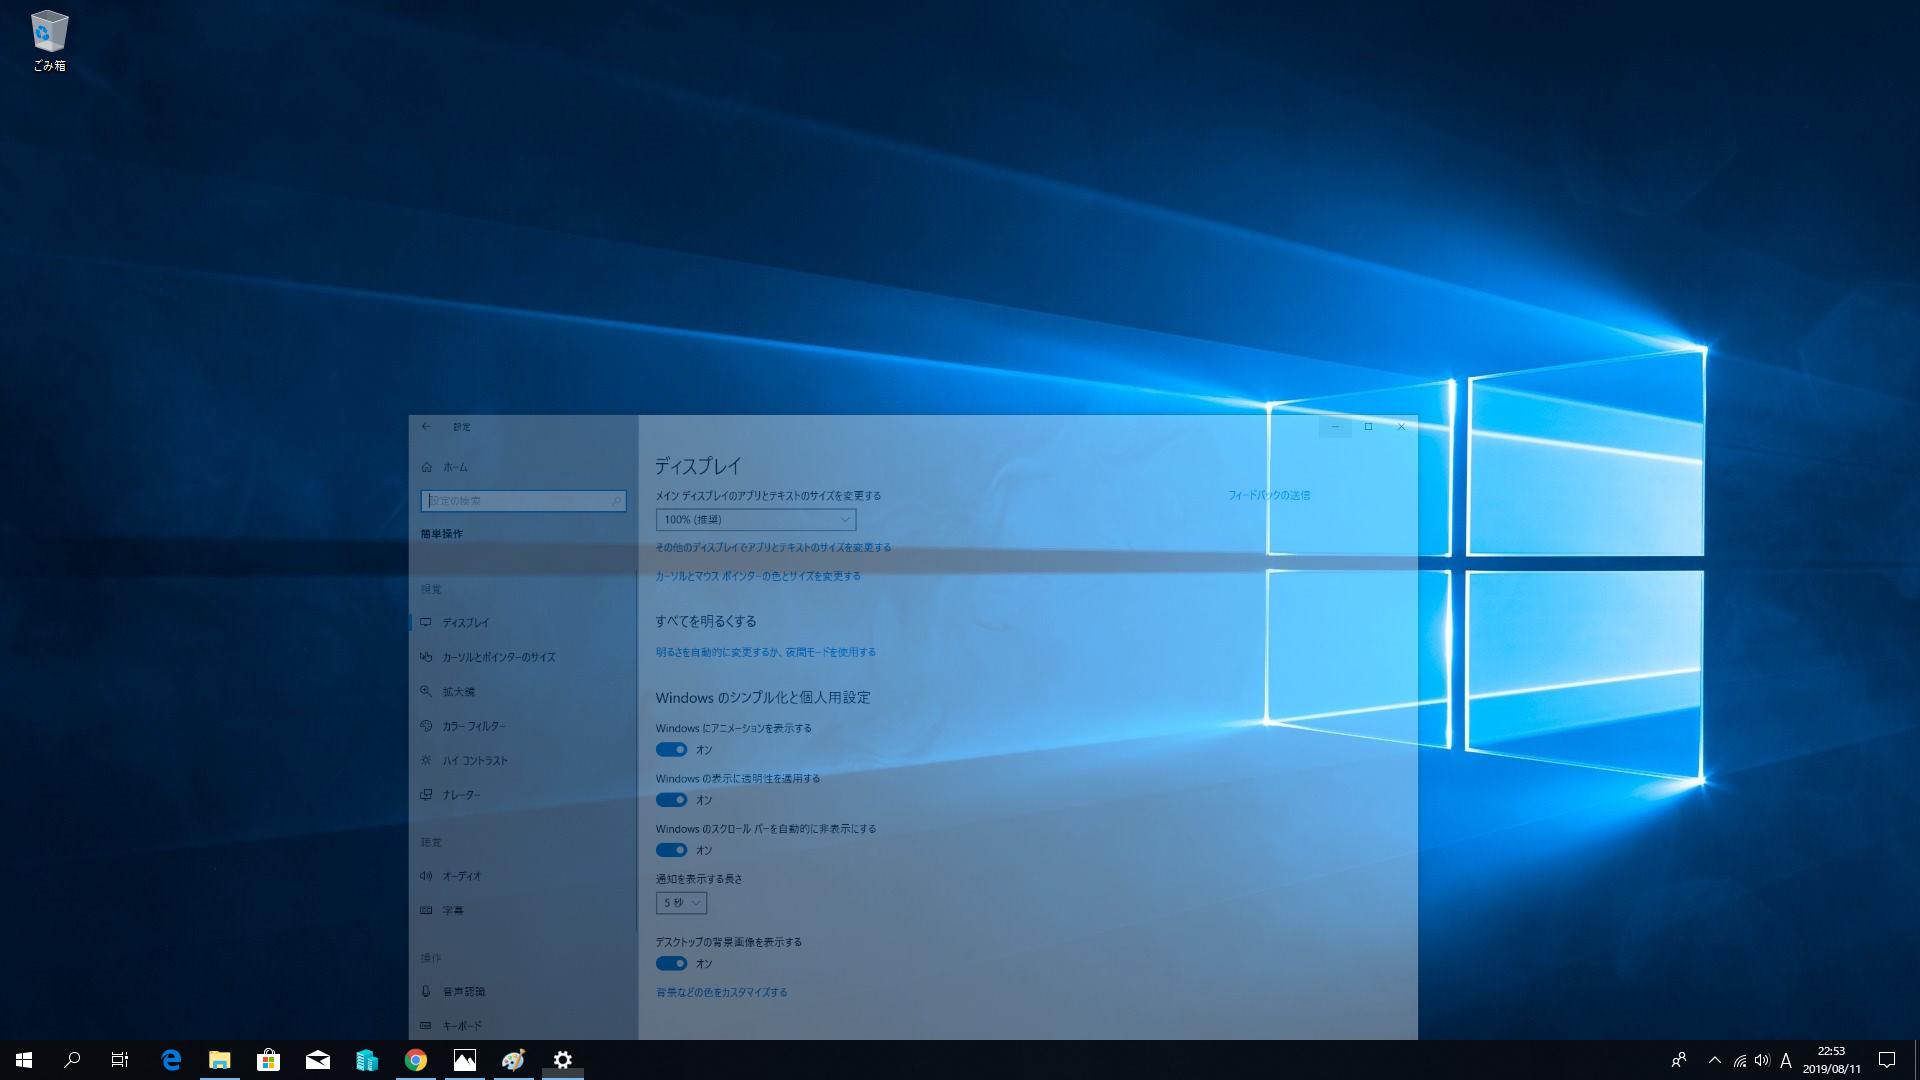 Windows 10 でアニメーションがオンの時の画面の動作